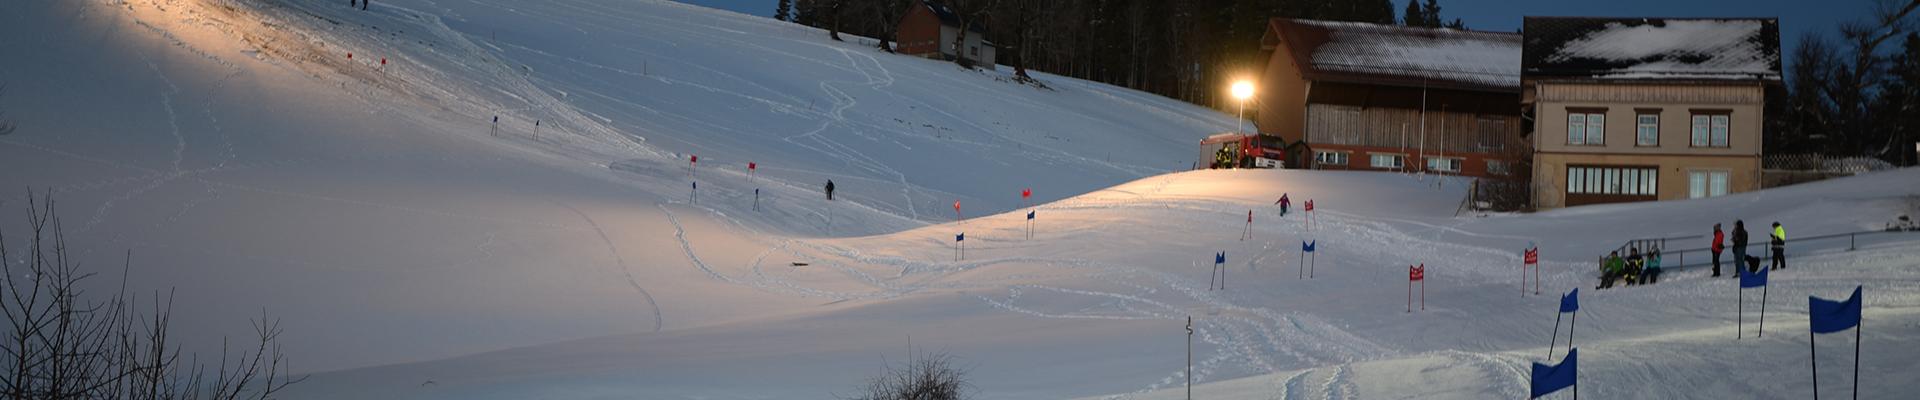 Rechtobler Dorfskirennen: Samstag, 19. Januar 2019